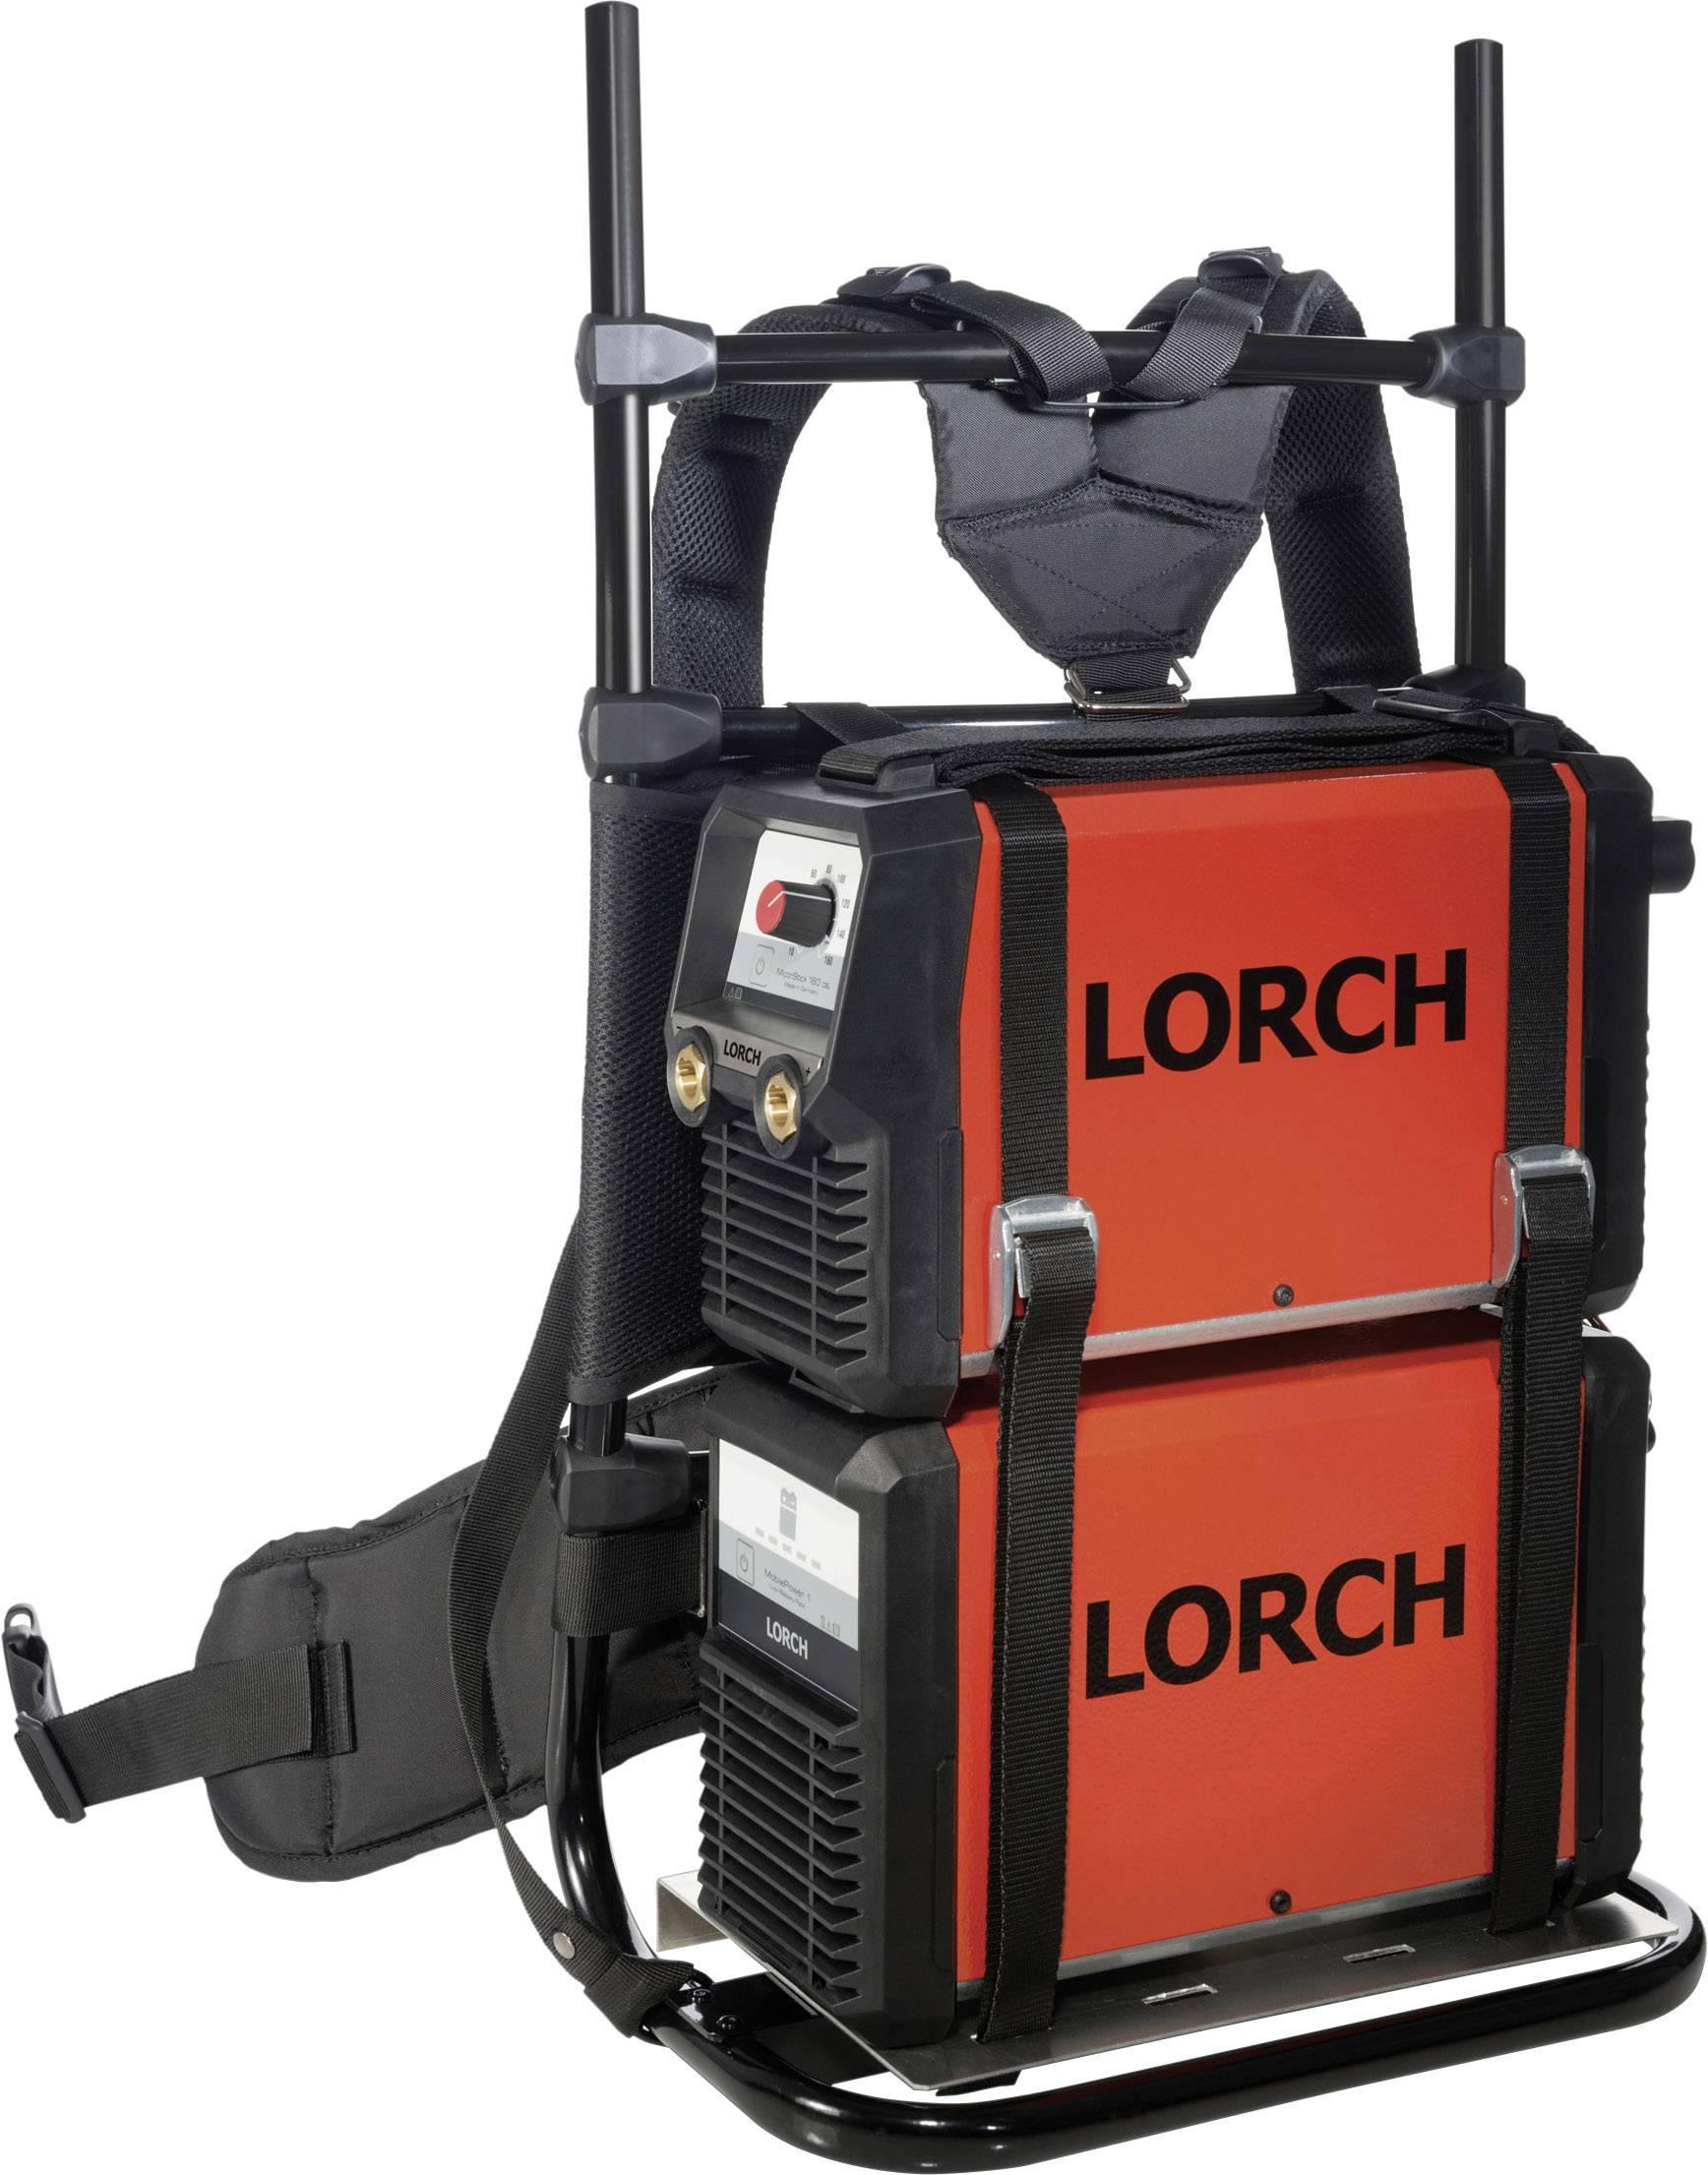 Postroj s držiakom na zváračku a náradie Lorch Weld BackPack 570.7595.4